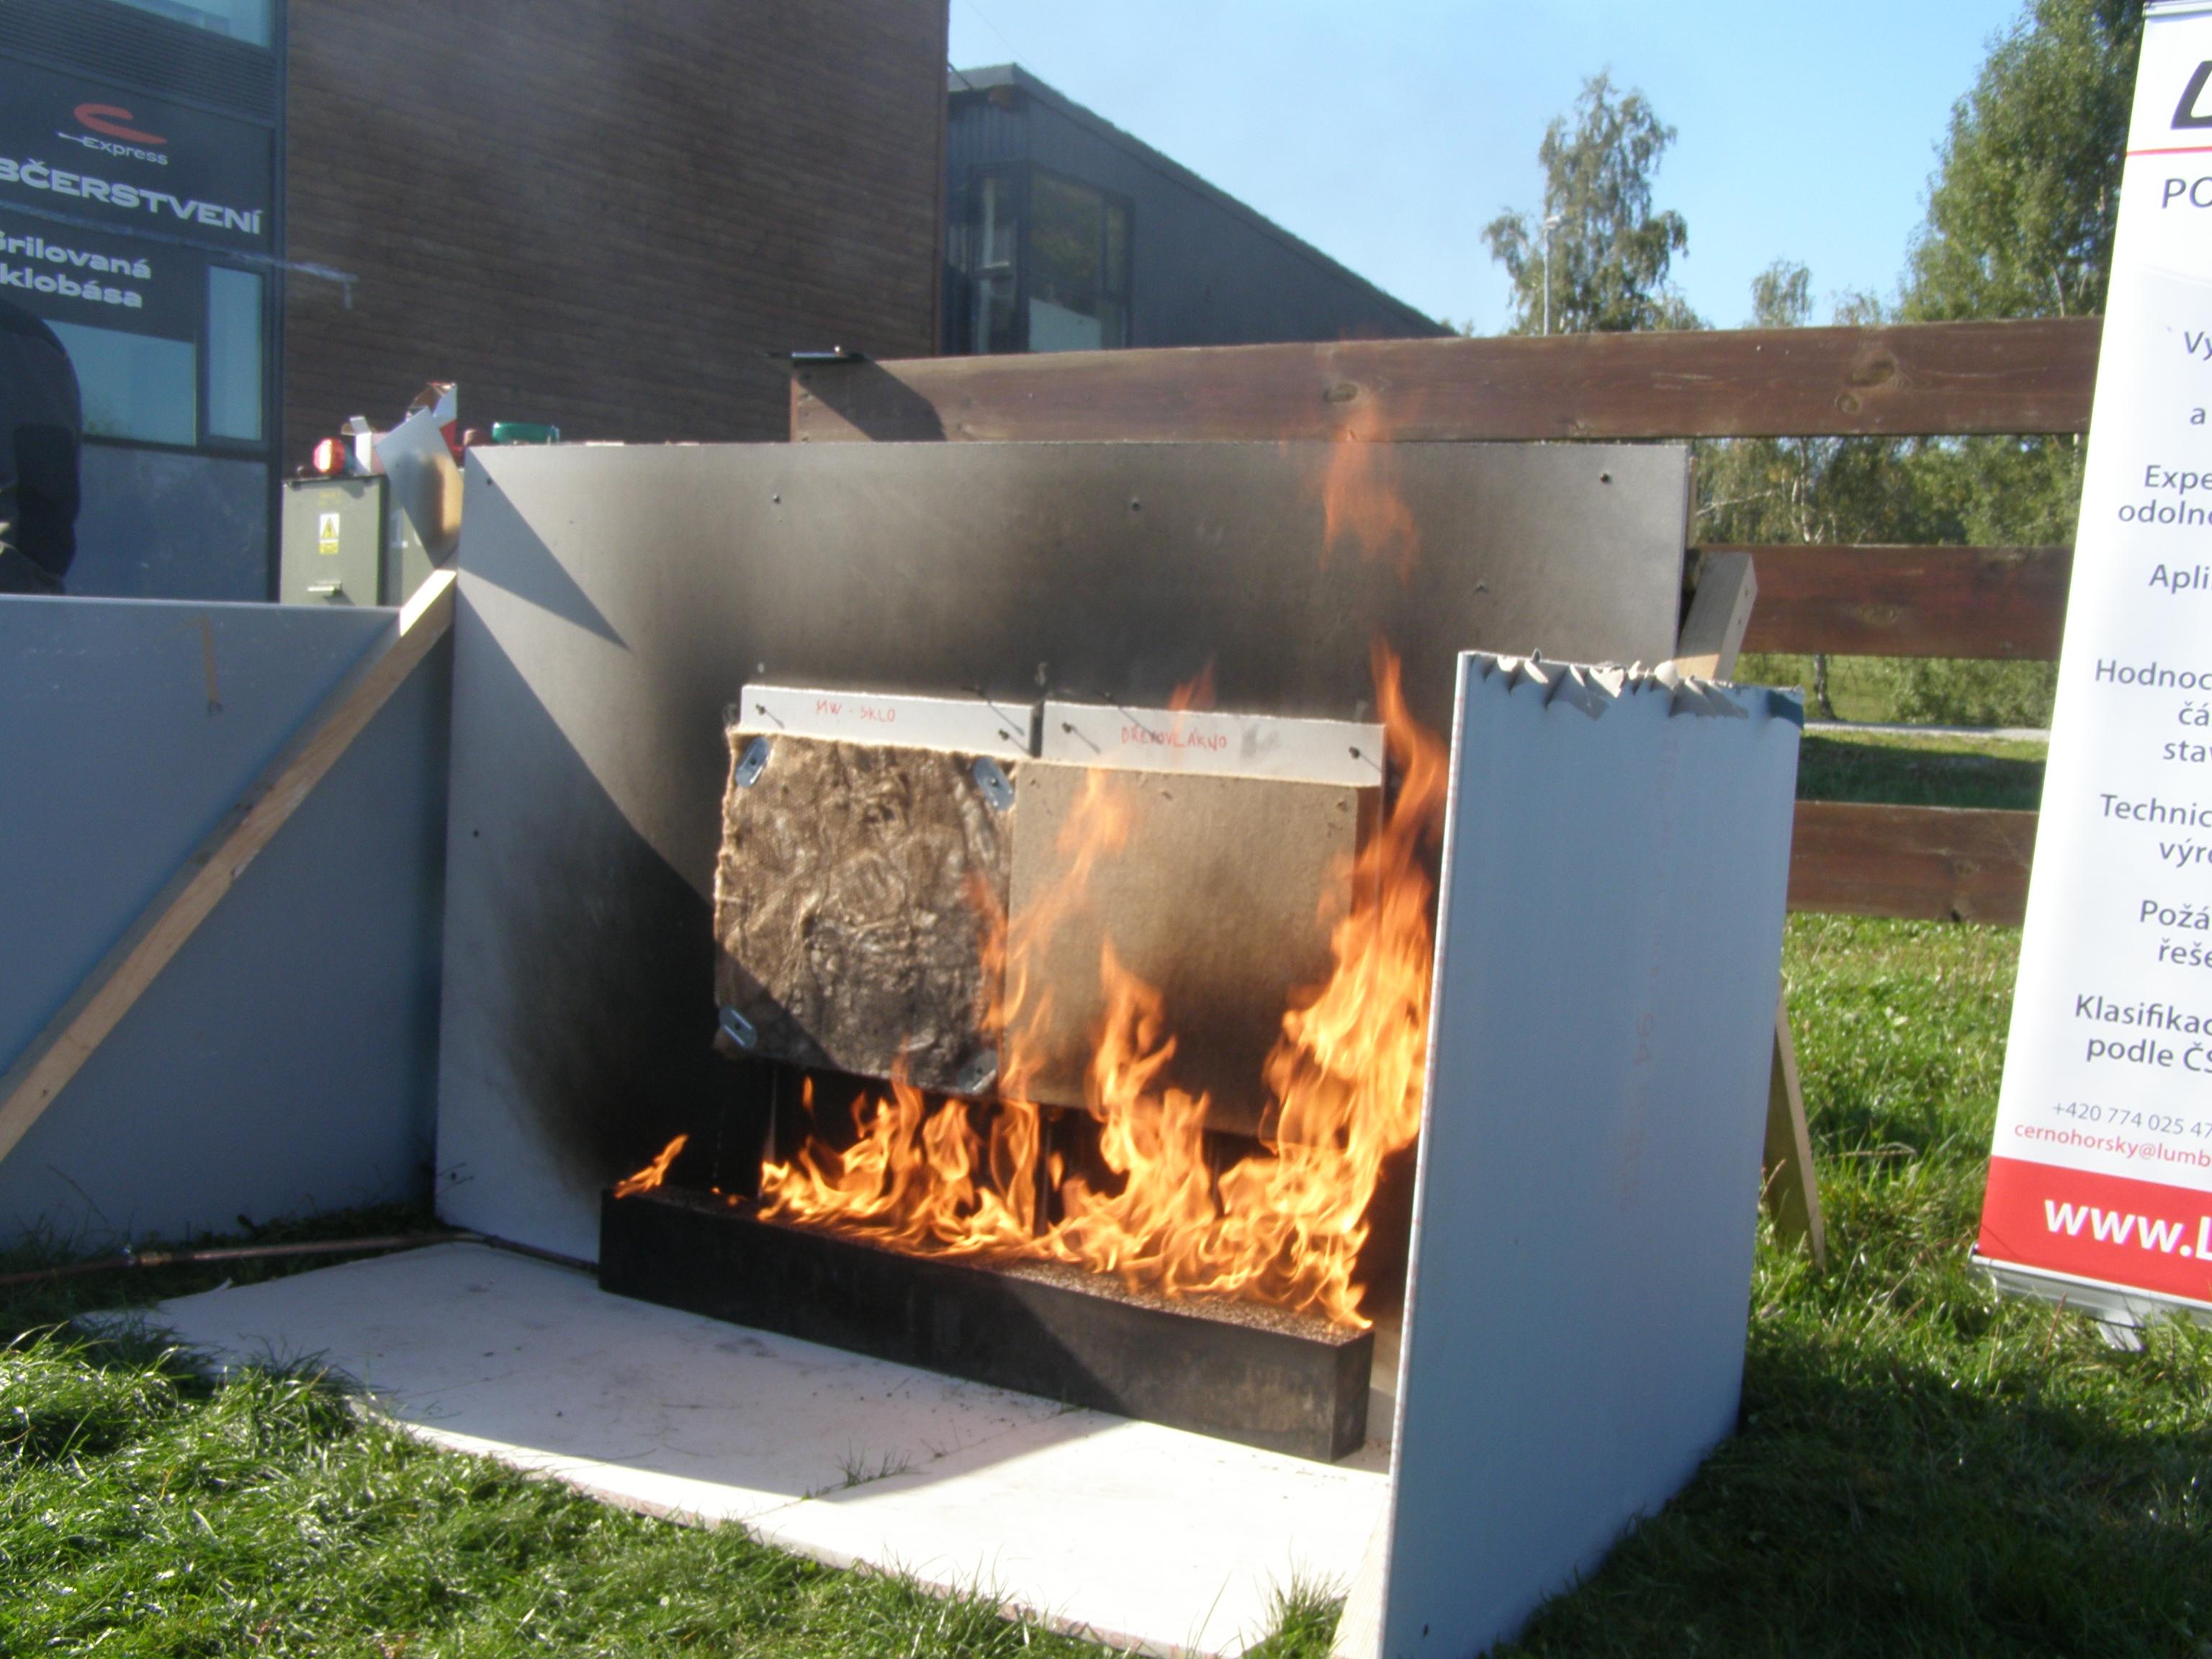 Ukázky hoření materiálů - minerální vata a dřevovlákno